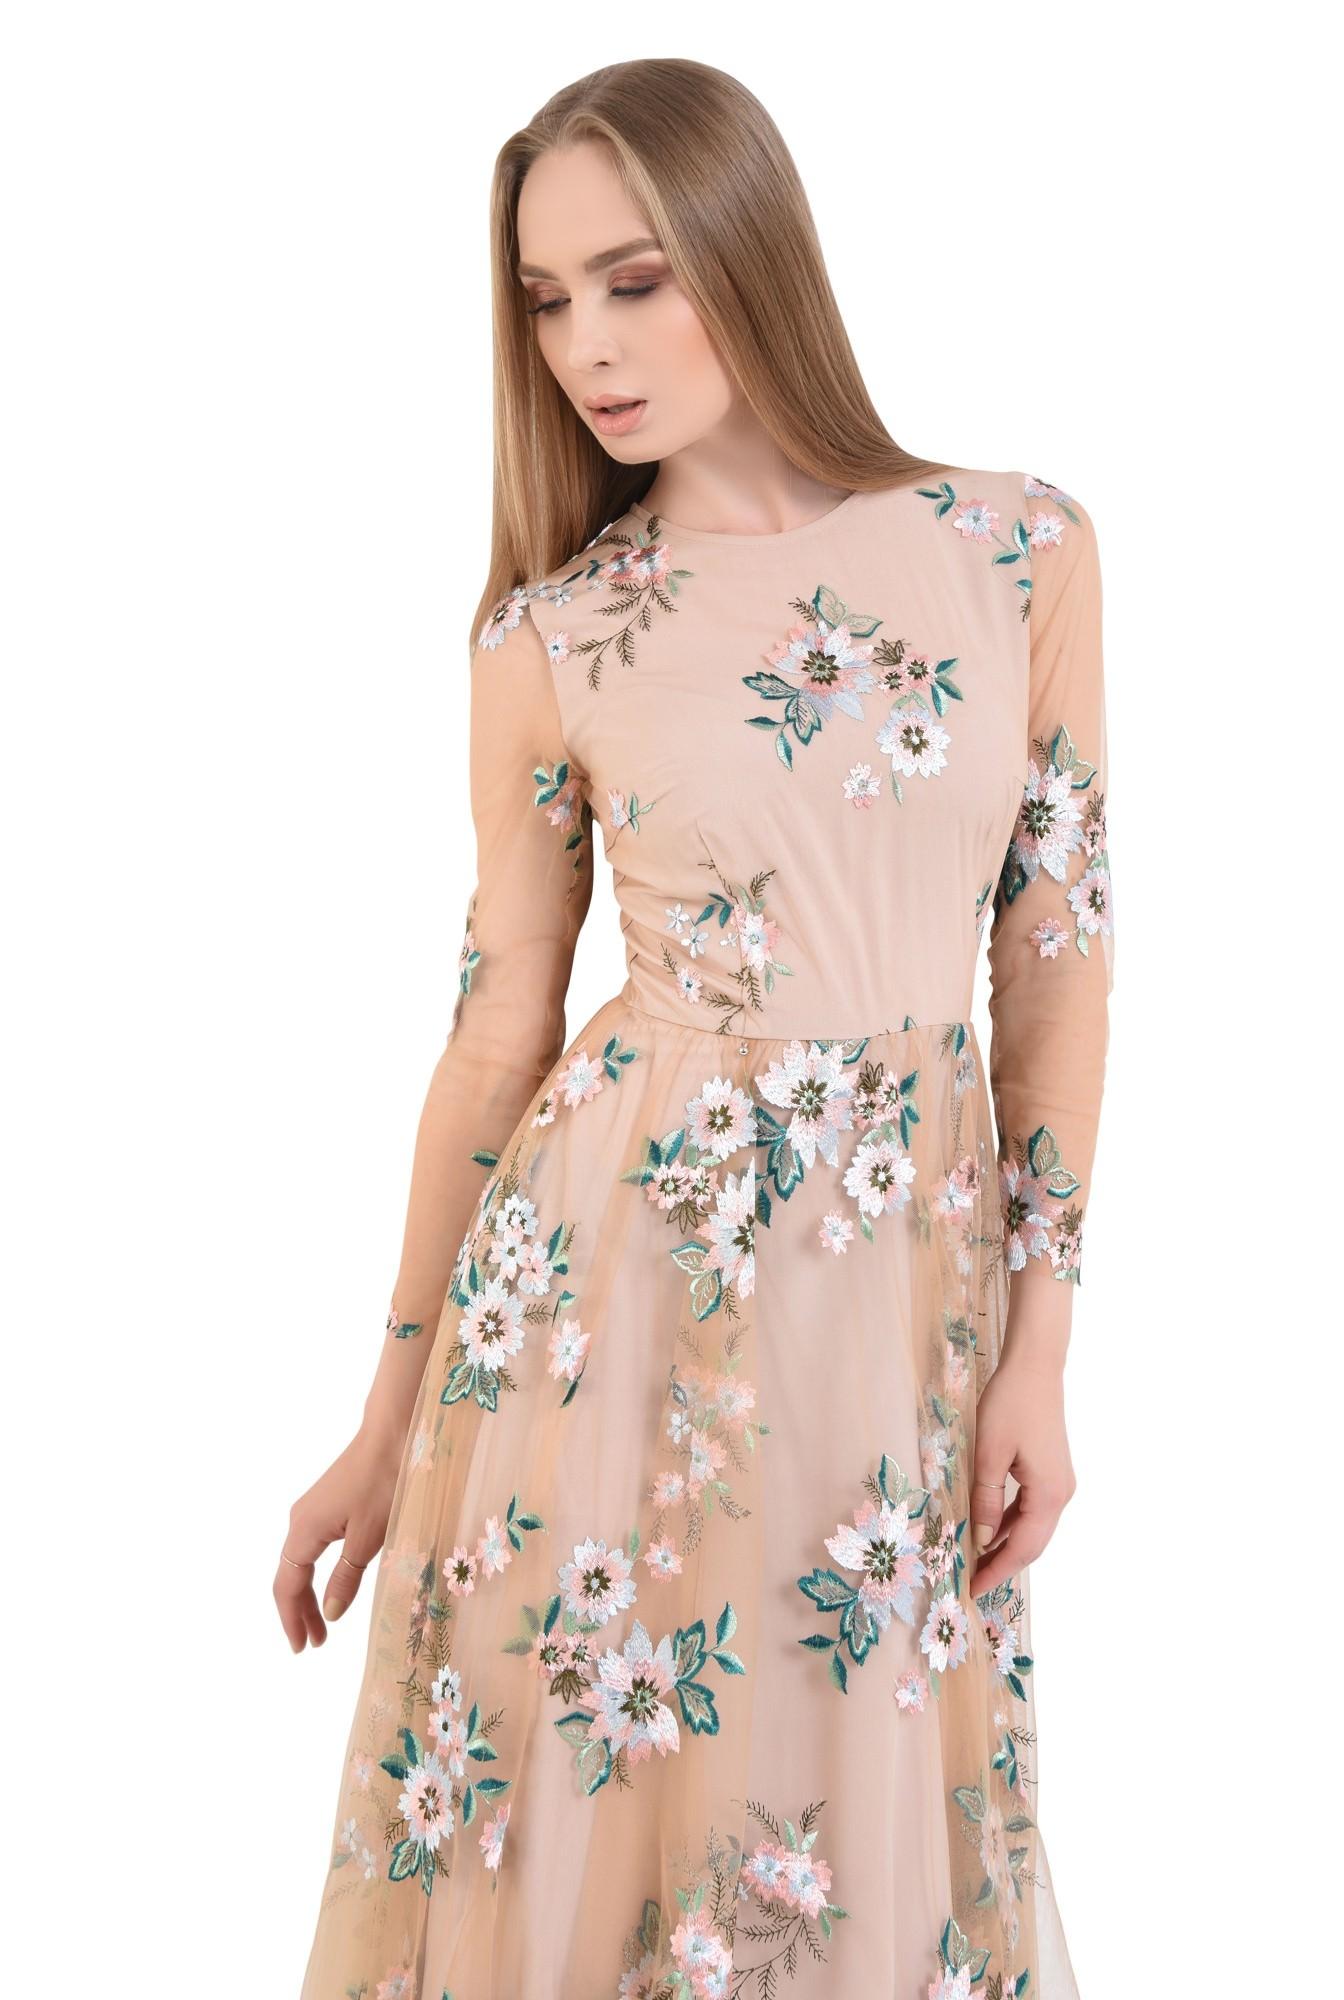 2 - Rochie eleganta maneci lungi